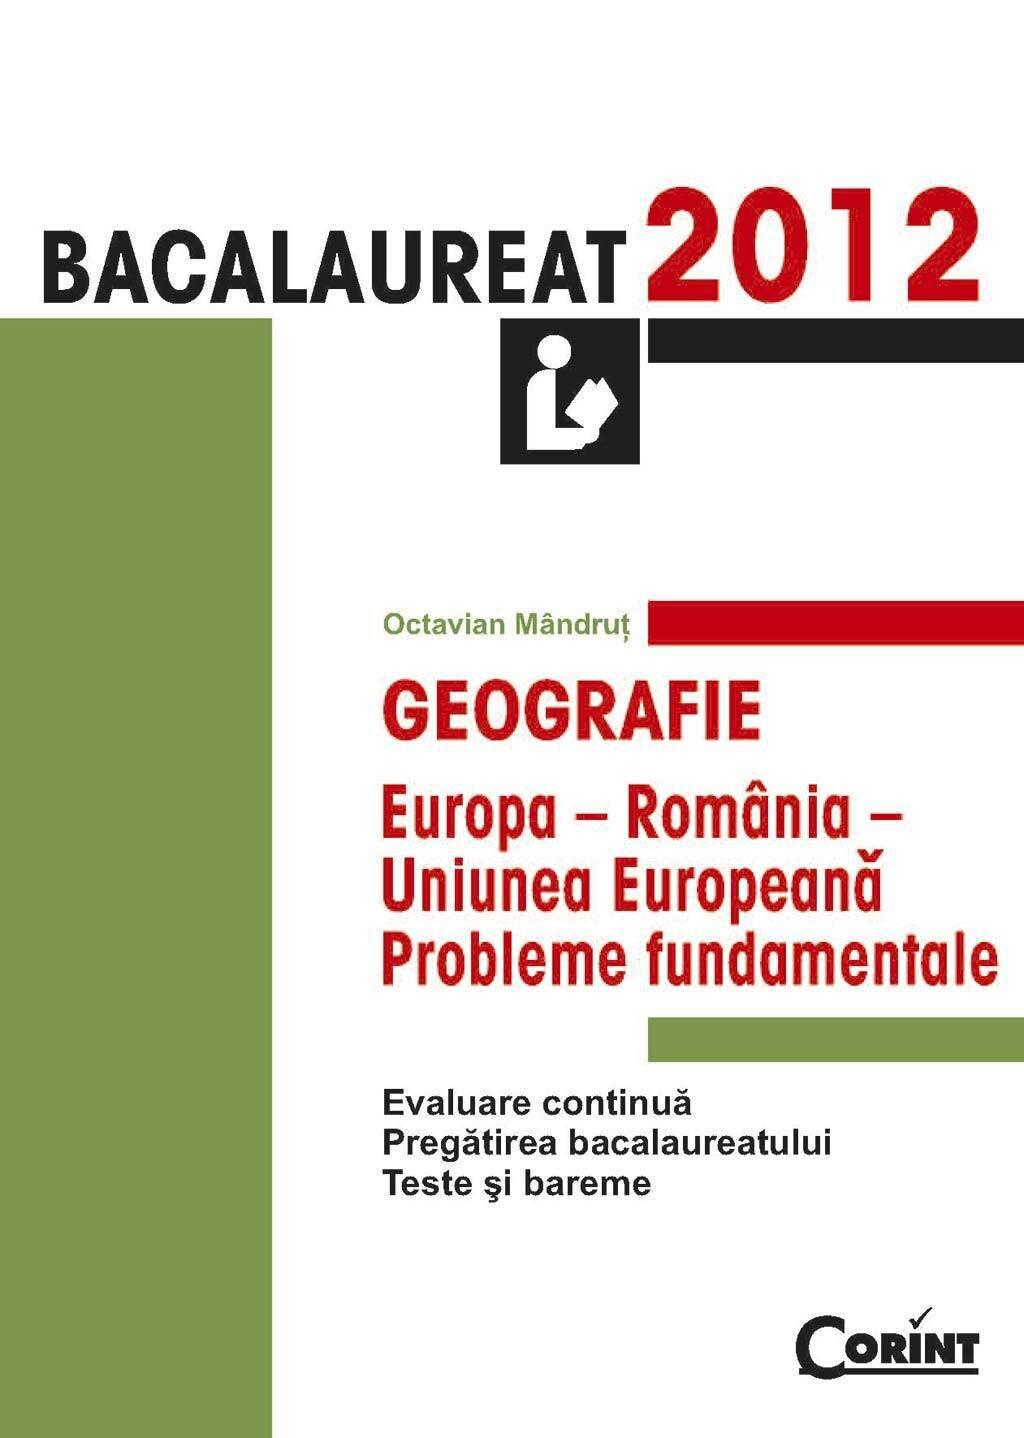 Geografie. Bacalaureat 2012 - Europa-Romania-Uniunea Europeana: probleme fundamentale (eBook)